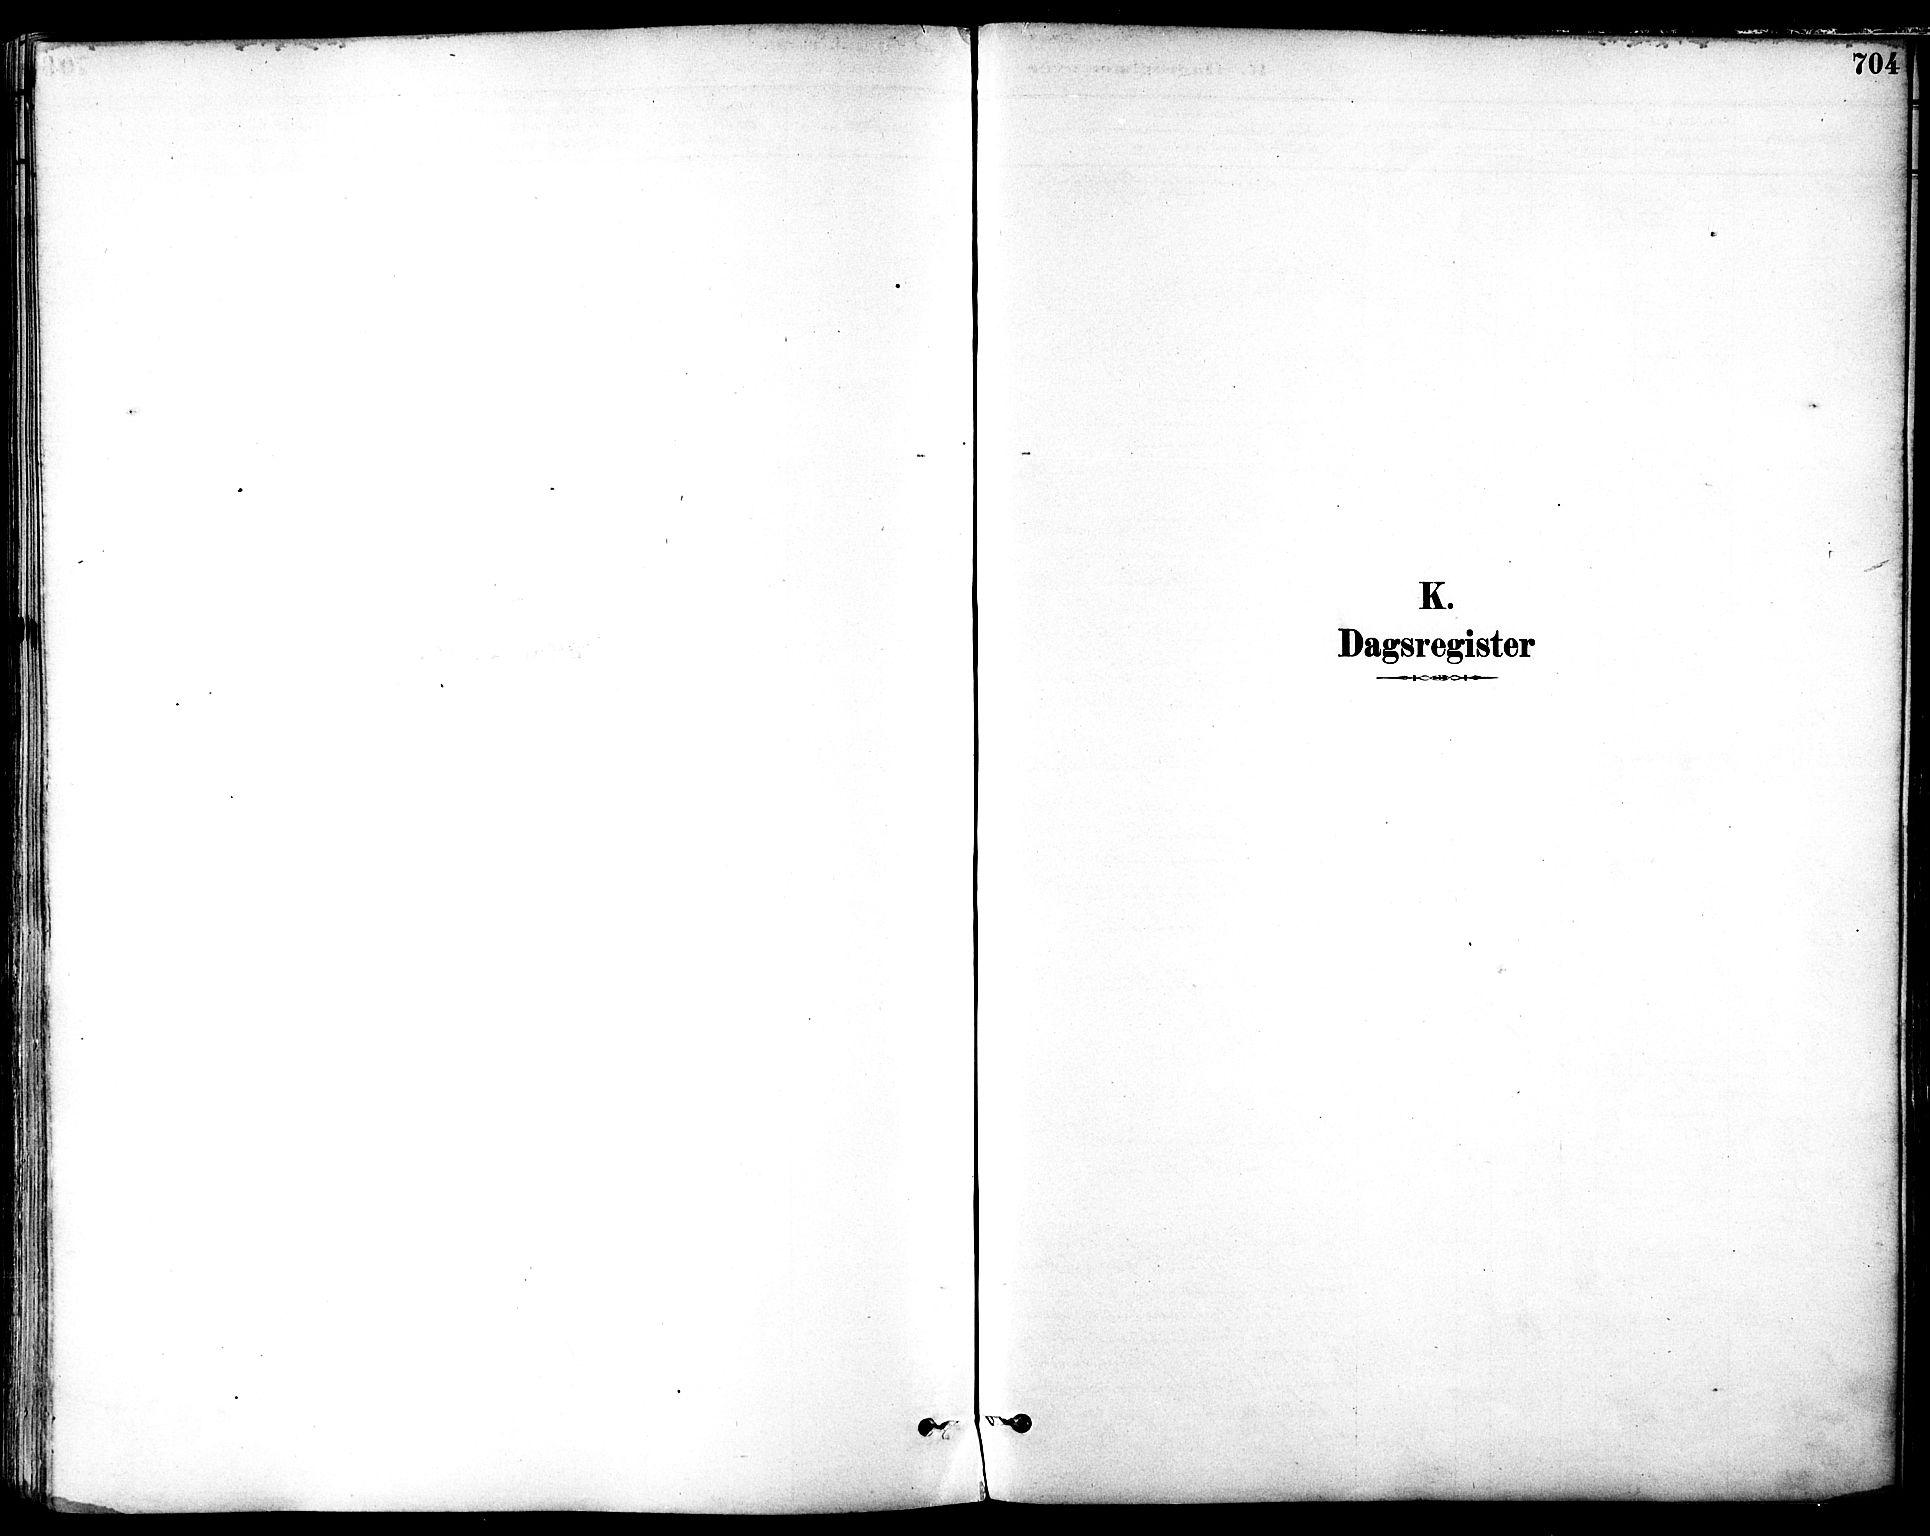 SAT, Ministerialprotokoller, klokkerbøker og fødselsregistre - Sør-Trøndelag, 601/L0058: Ministerialbok nr. 601A26, 1877-1891, s. 704